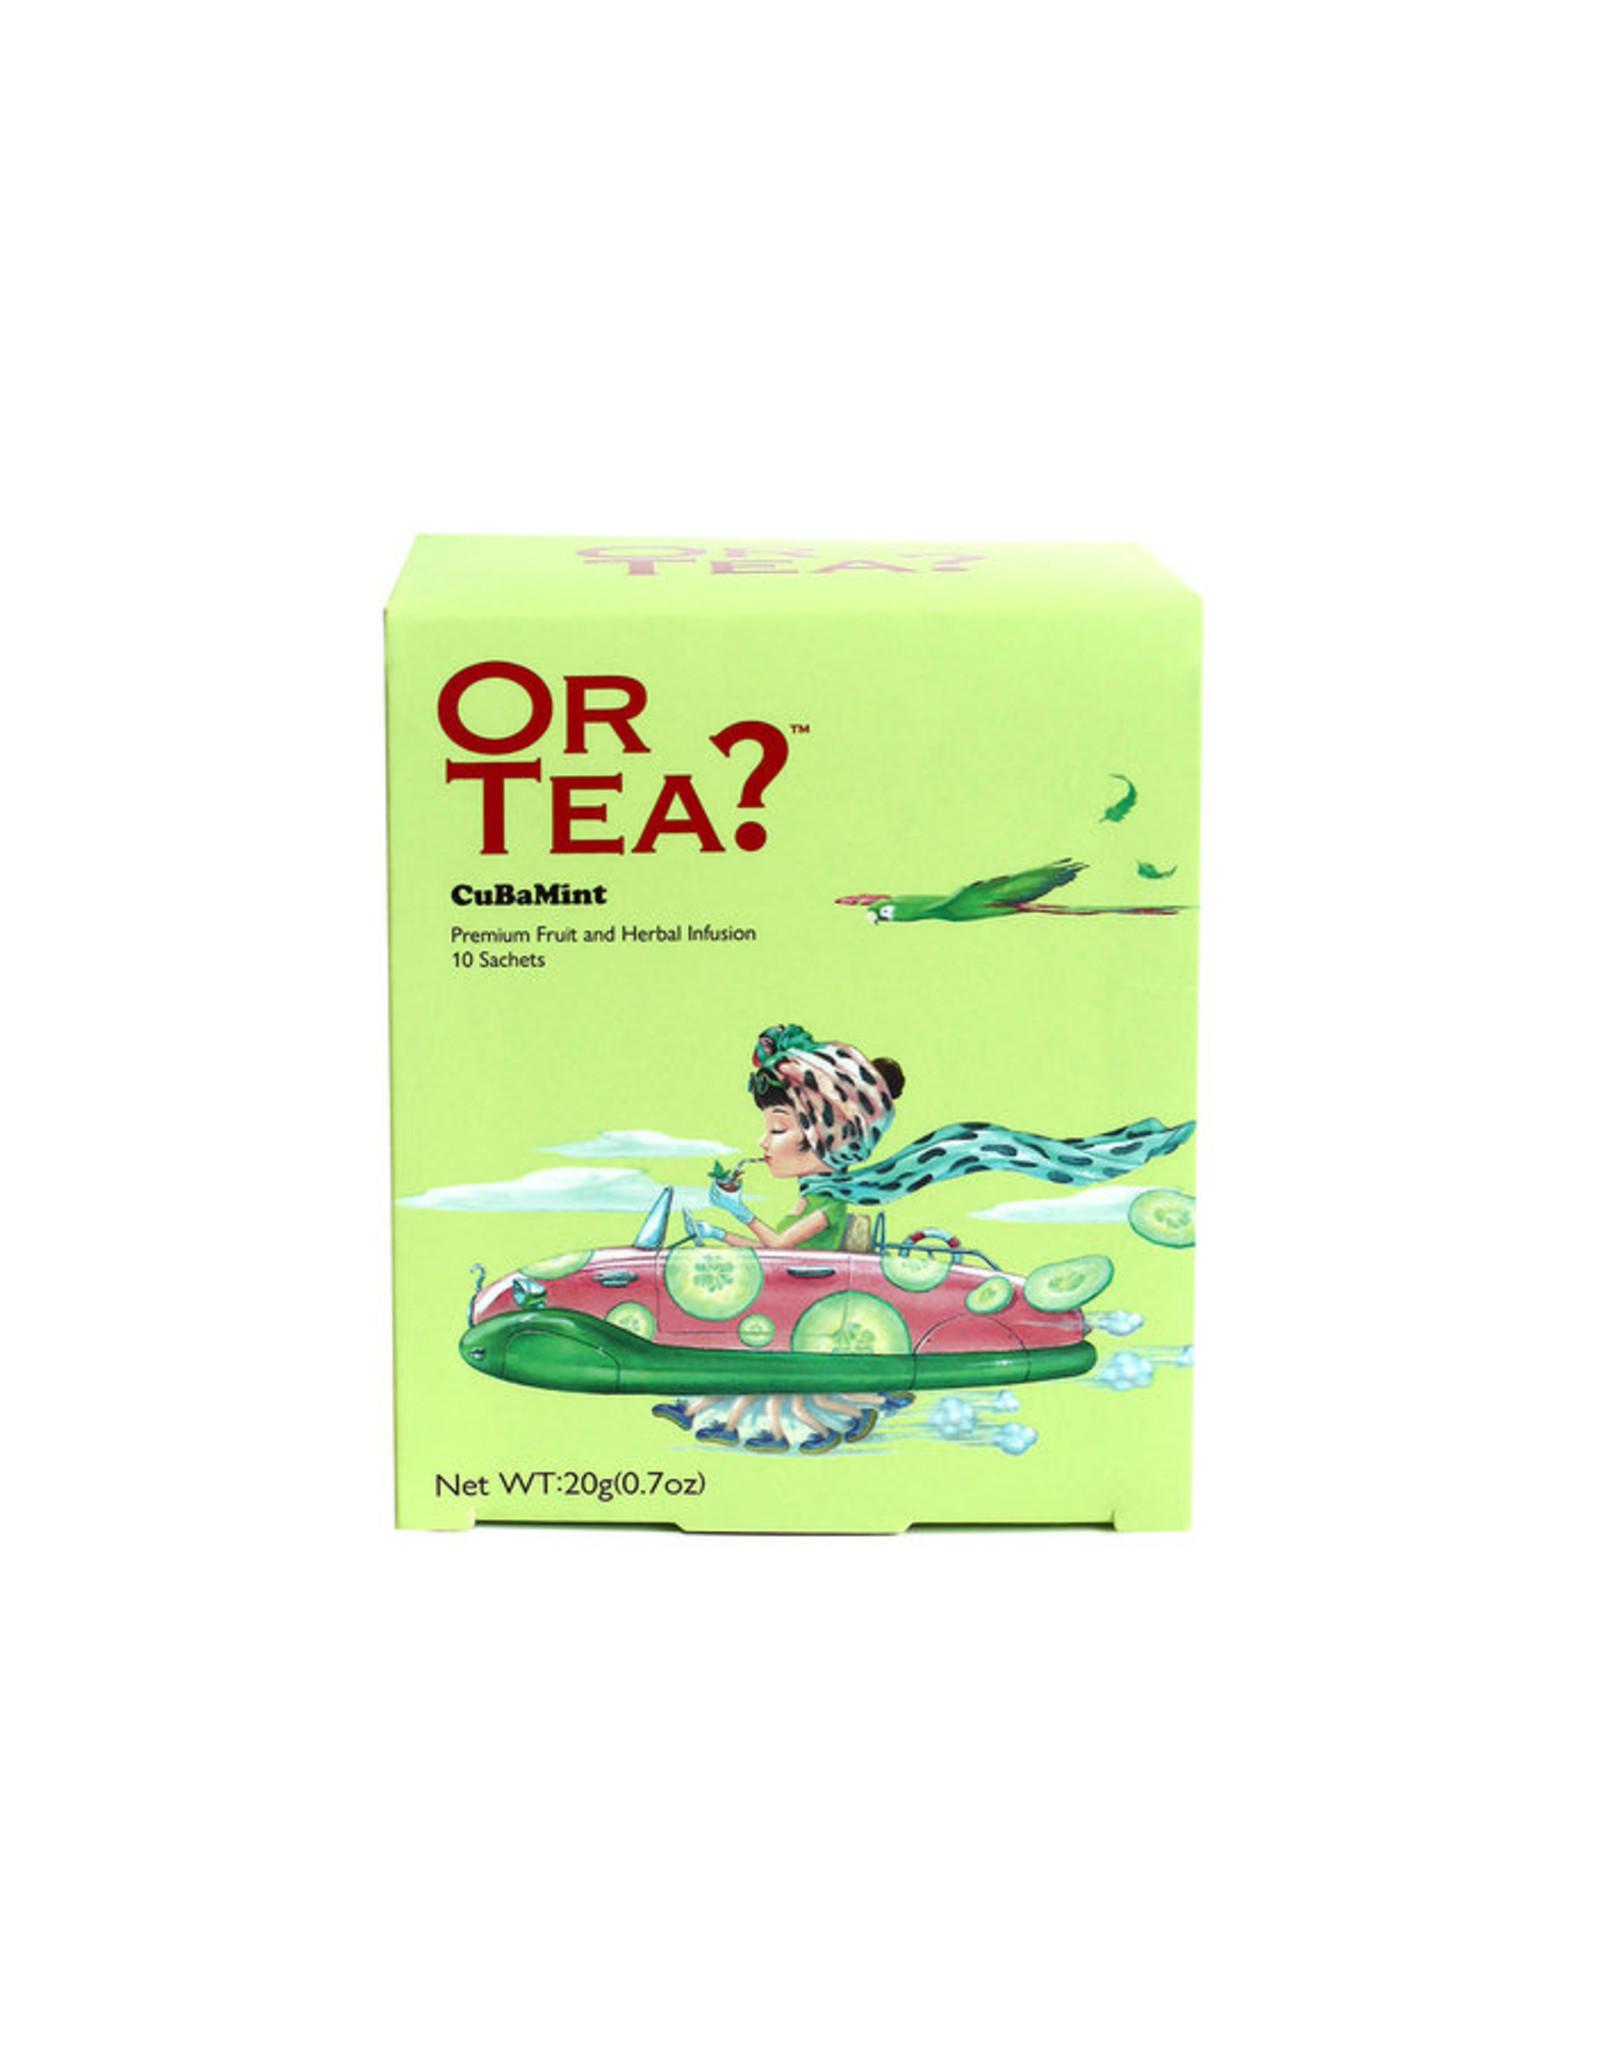 Or Tea? CuBaMint - 10-Sachet Box (Pillow)